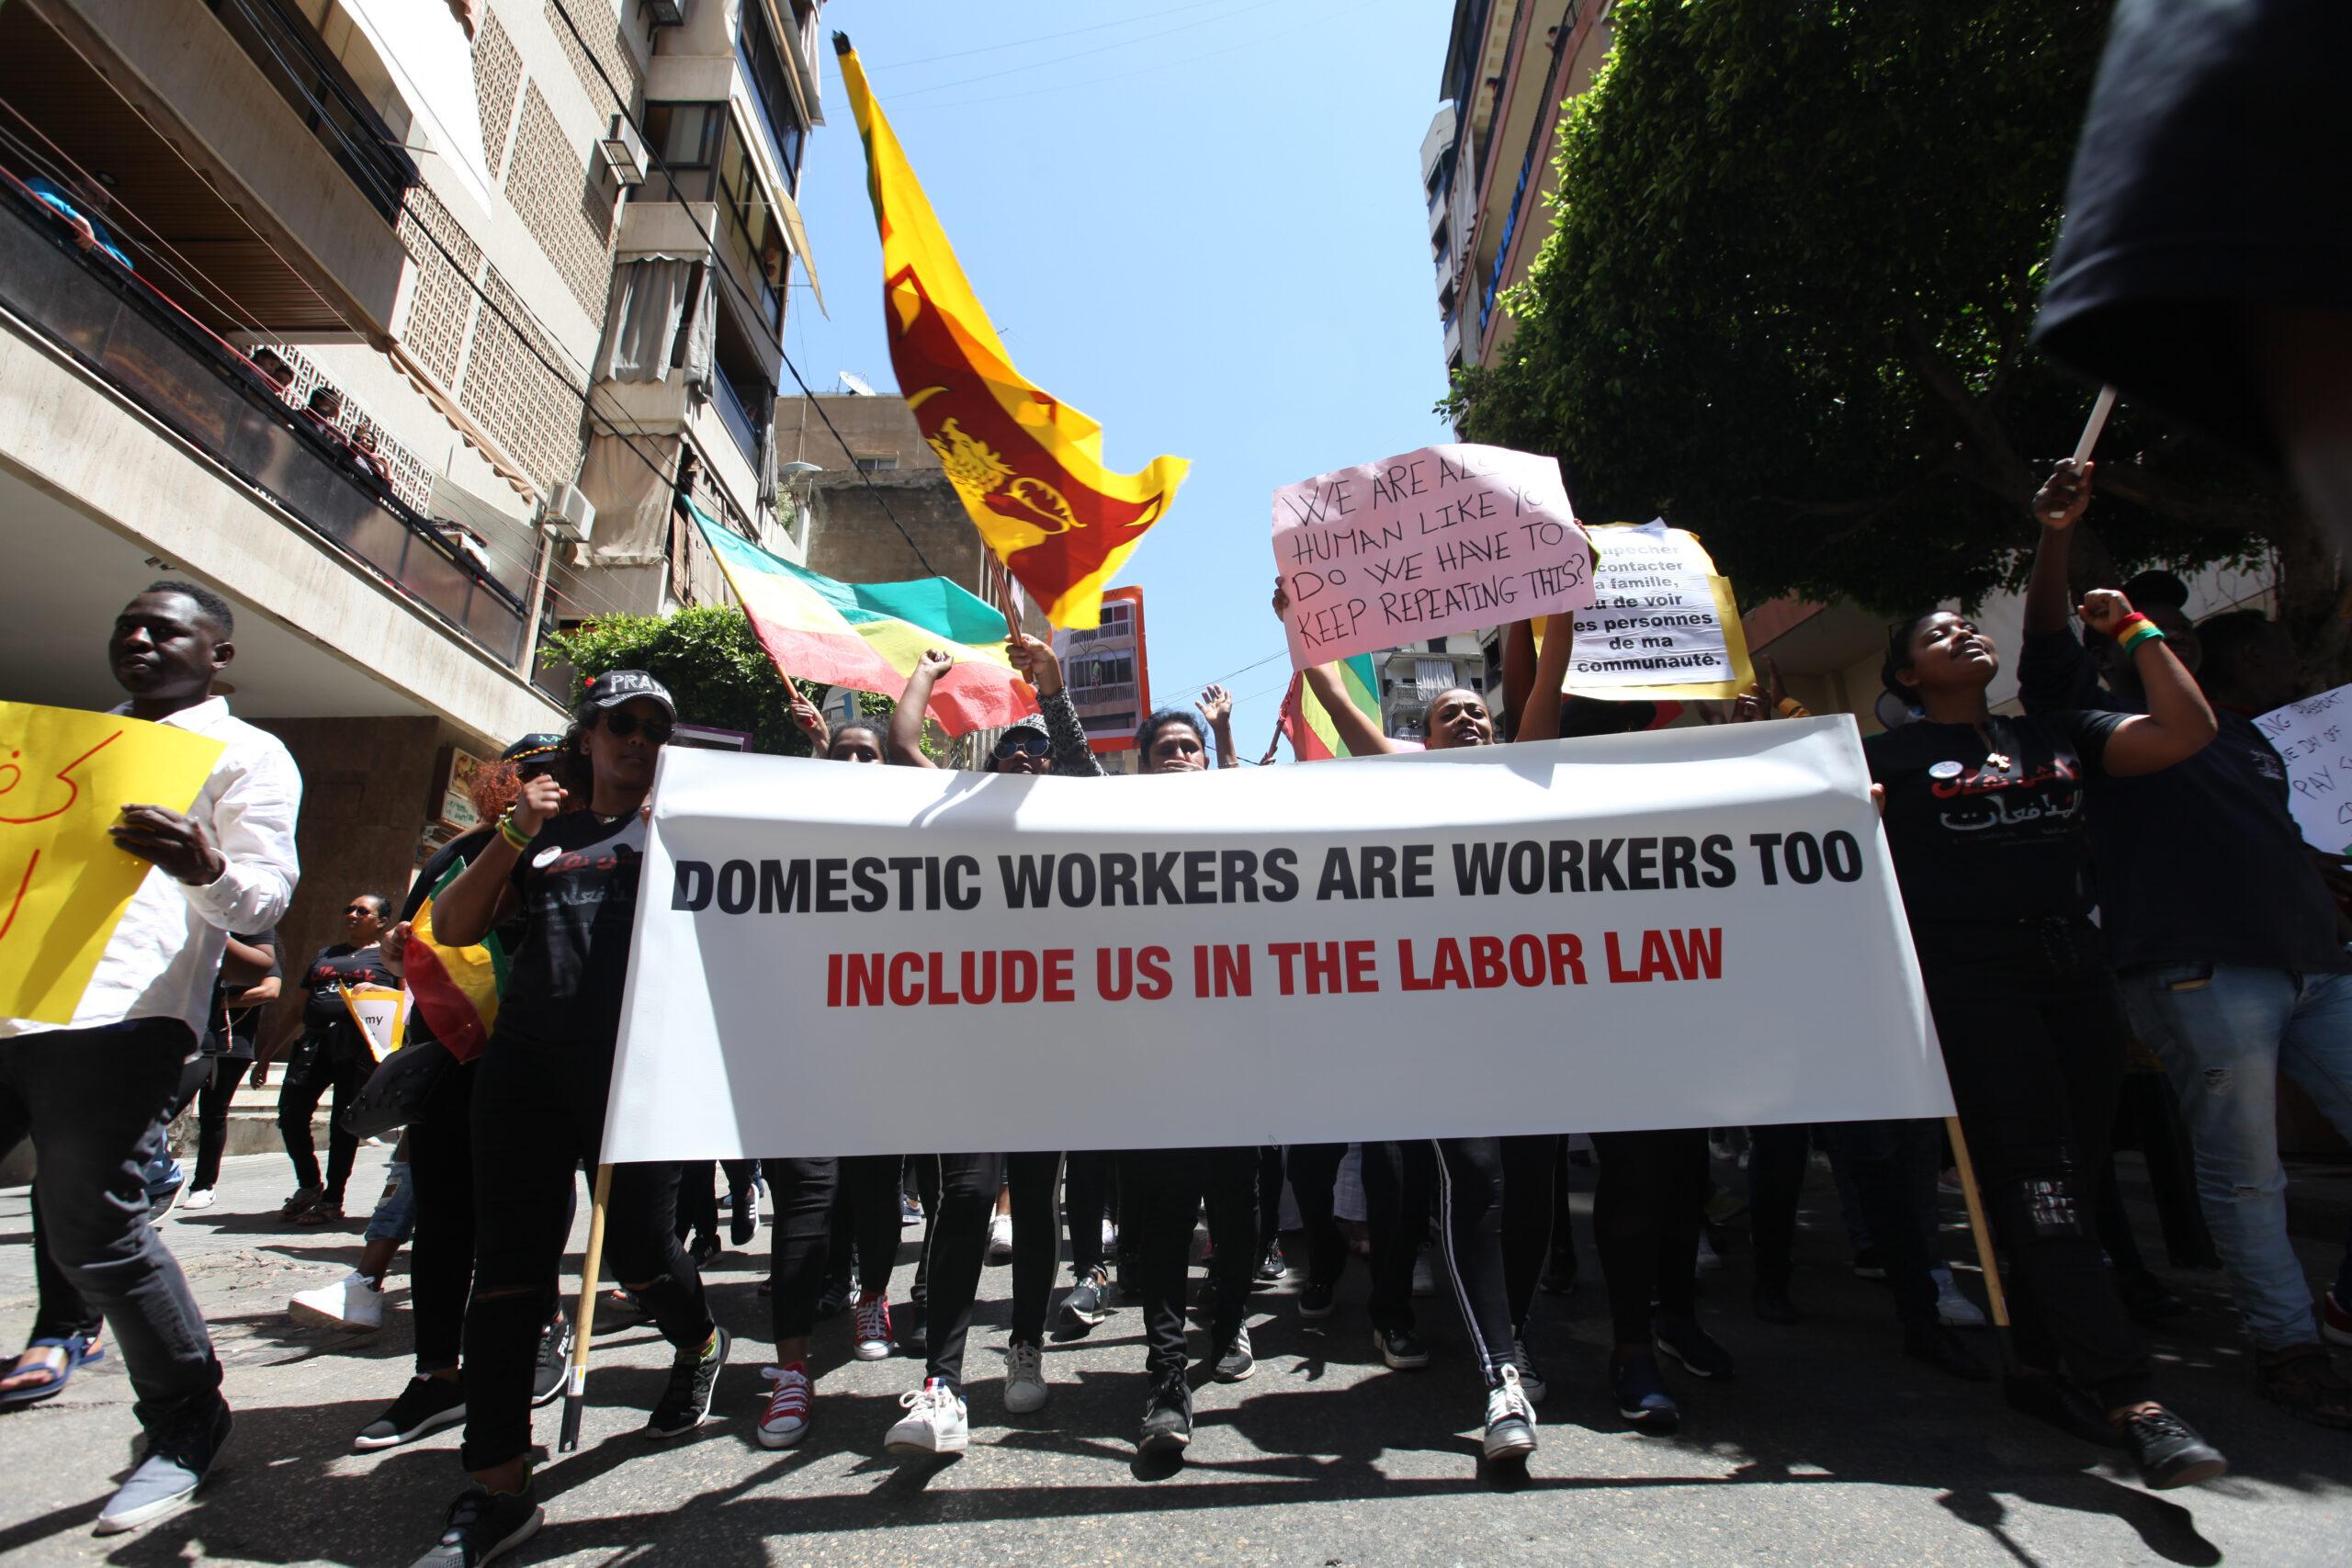 عاملات المنازل في الشارع: نحن بشر مثلكم..نعم لإلغاء نظام الكفالة